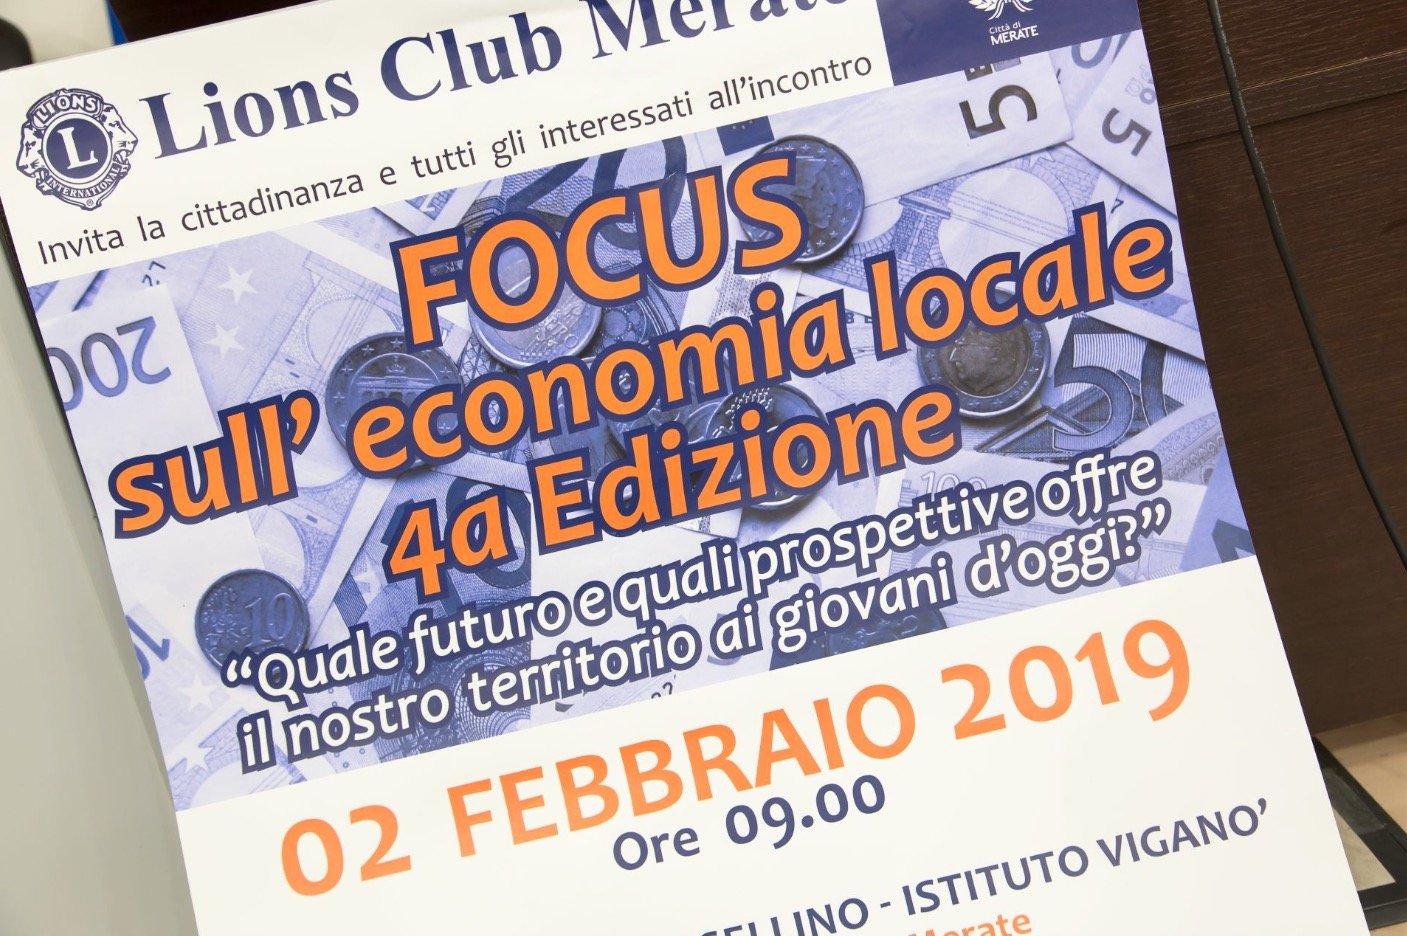 EVENTO DI FEBBRAIO: 4° EDIZIONE FOCUS ECONOMIA LOCALE